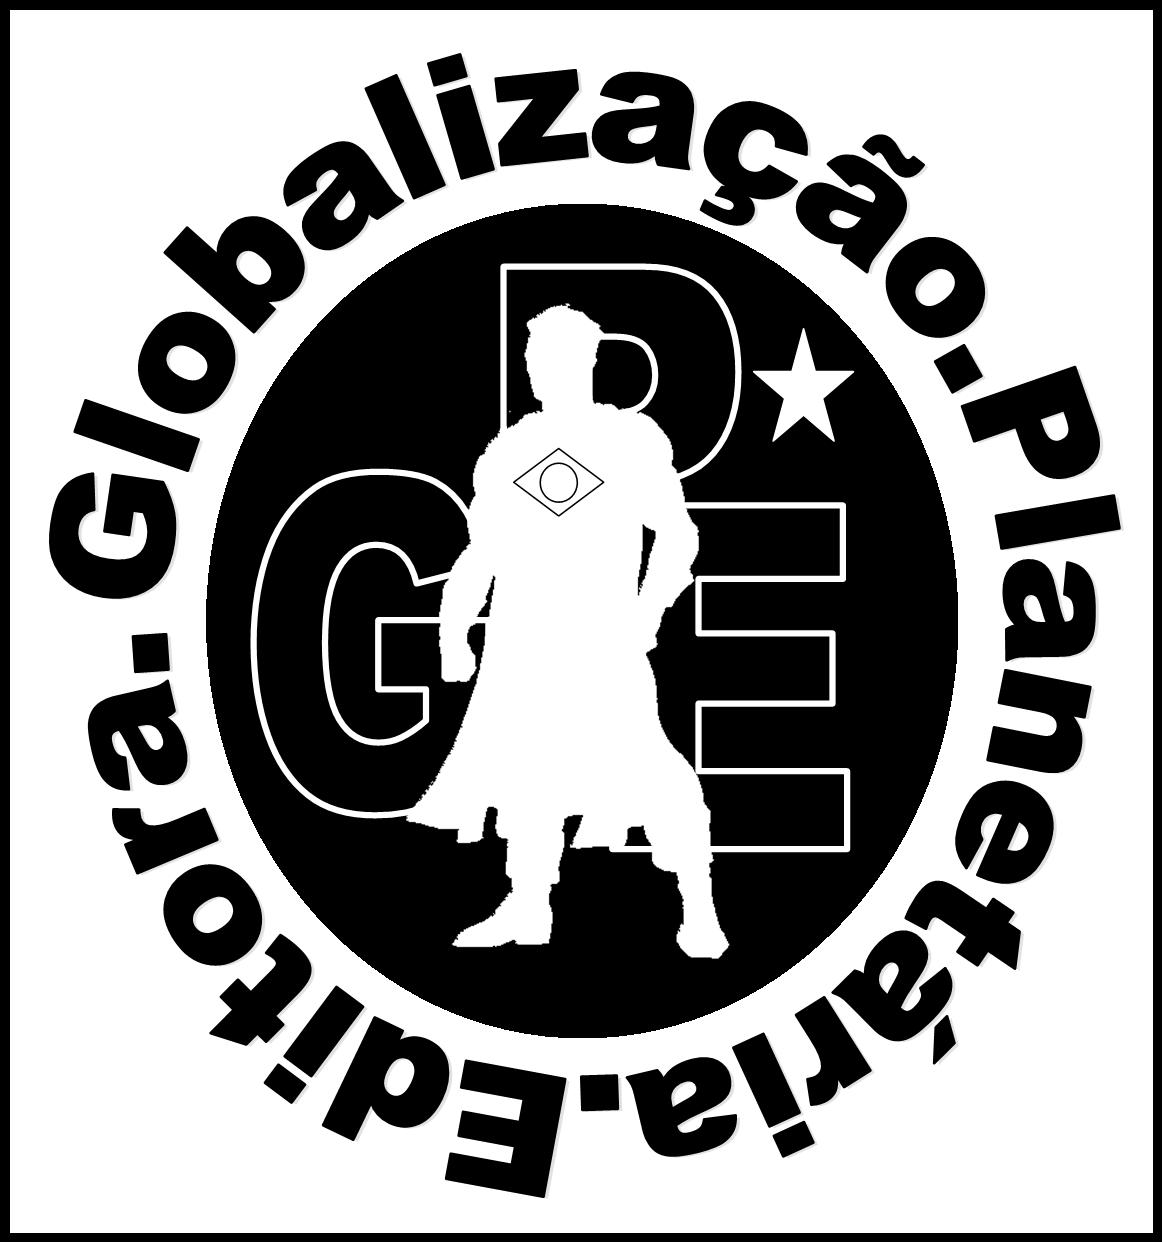 http://gpeditora.blogspot.com.br/